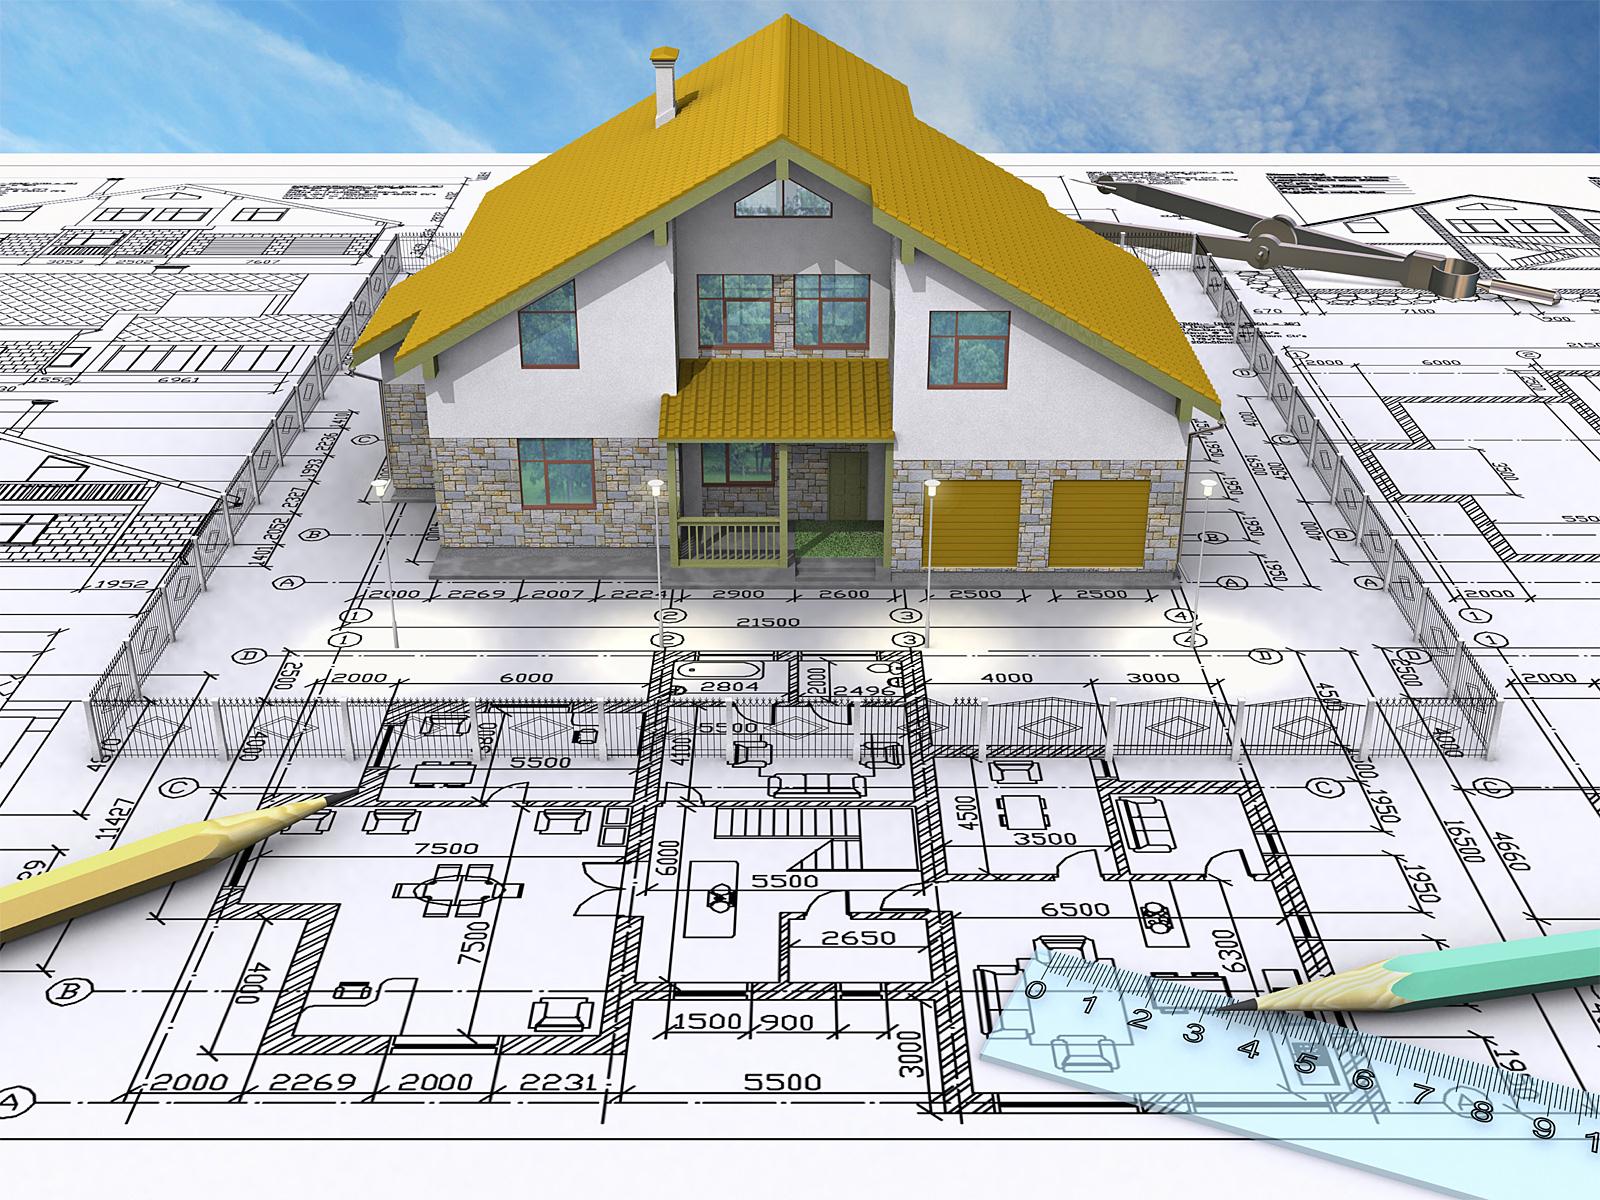 Stavíte dům? Nezapomínejte na odpadní vodu